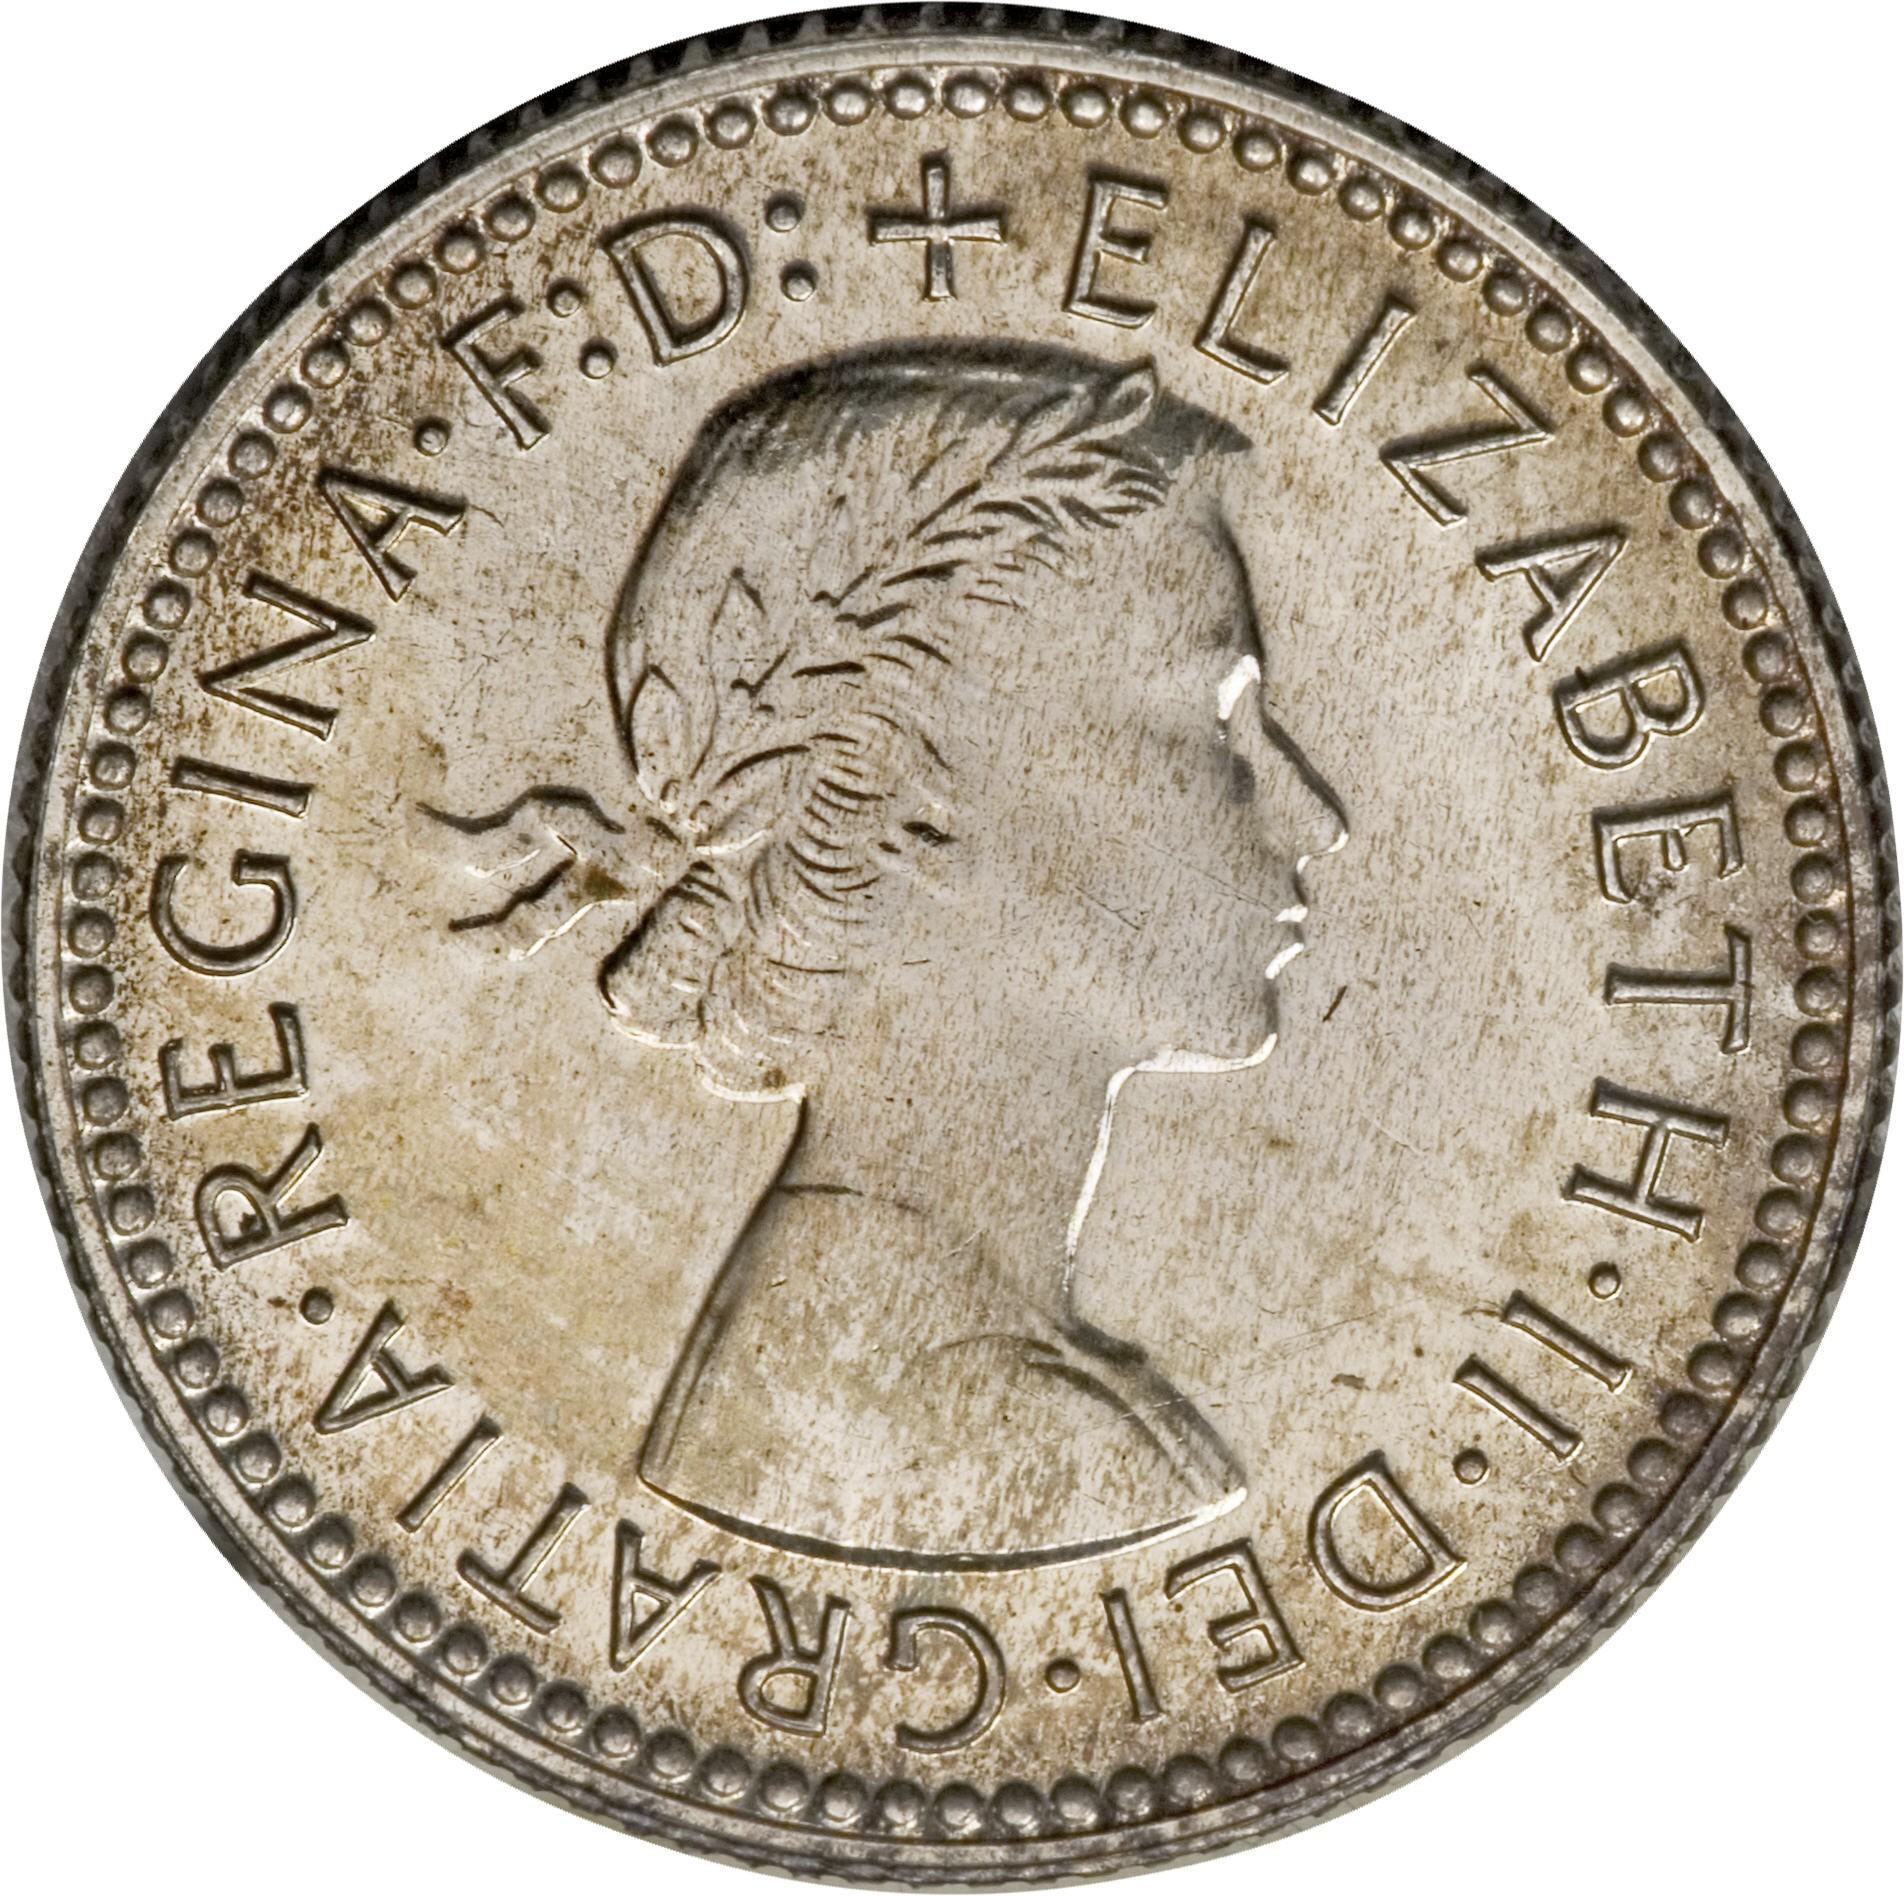 Australia 6 Pence (1955-1963 Elizabeth II)